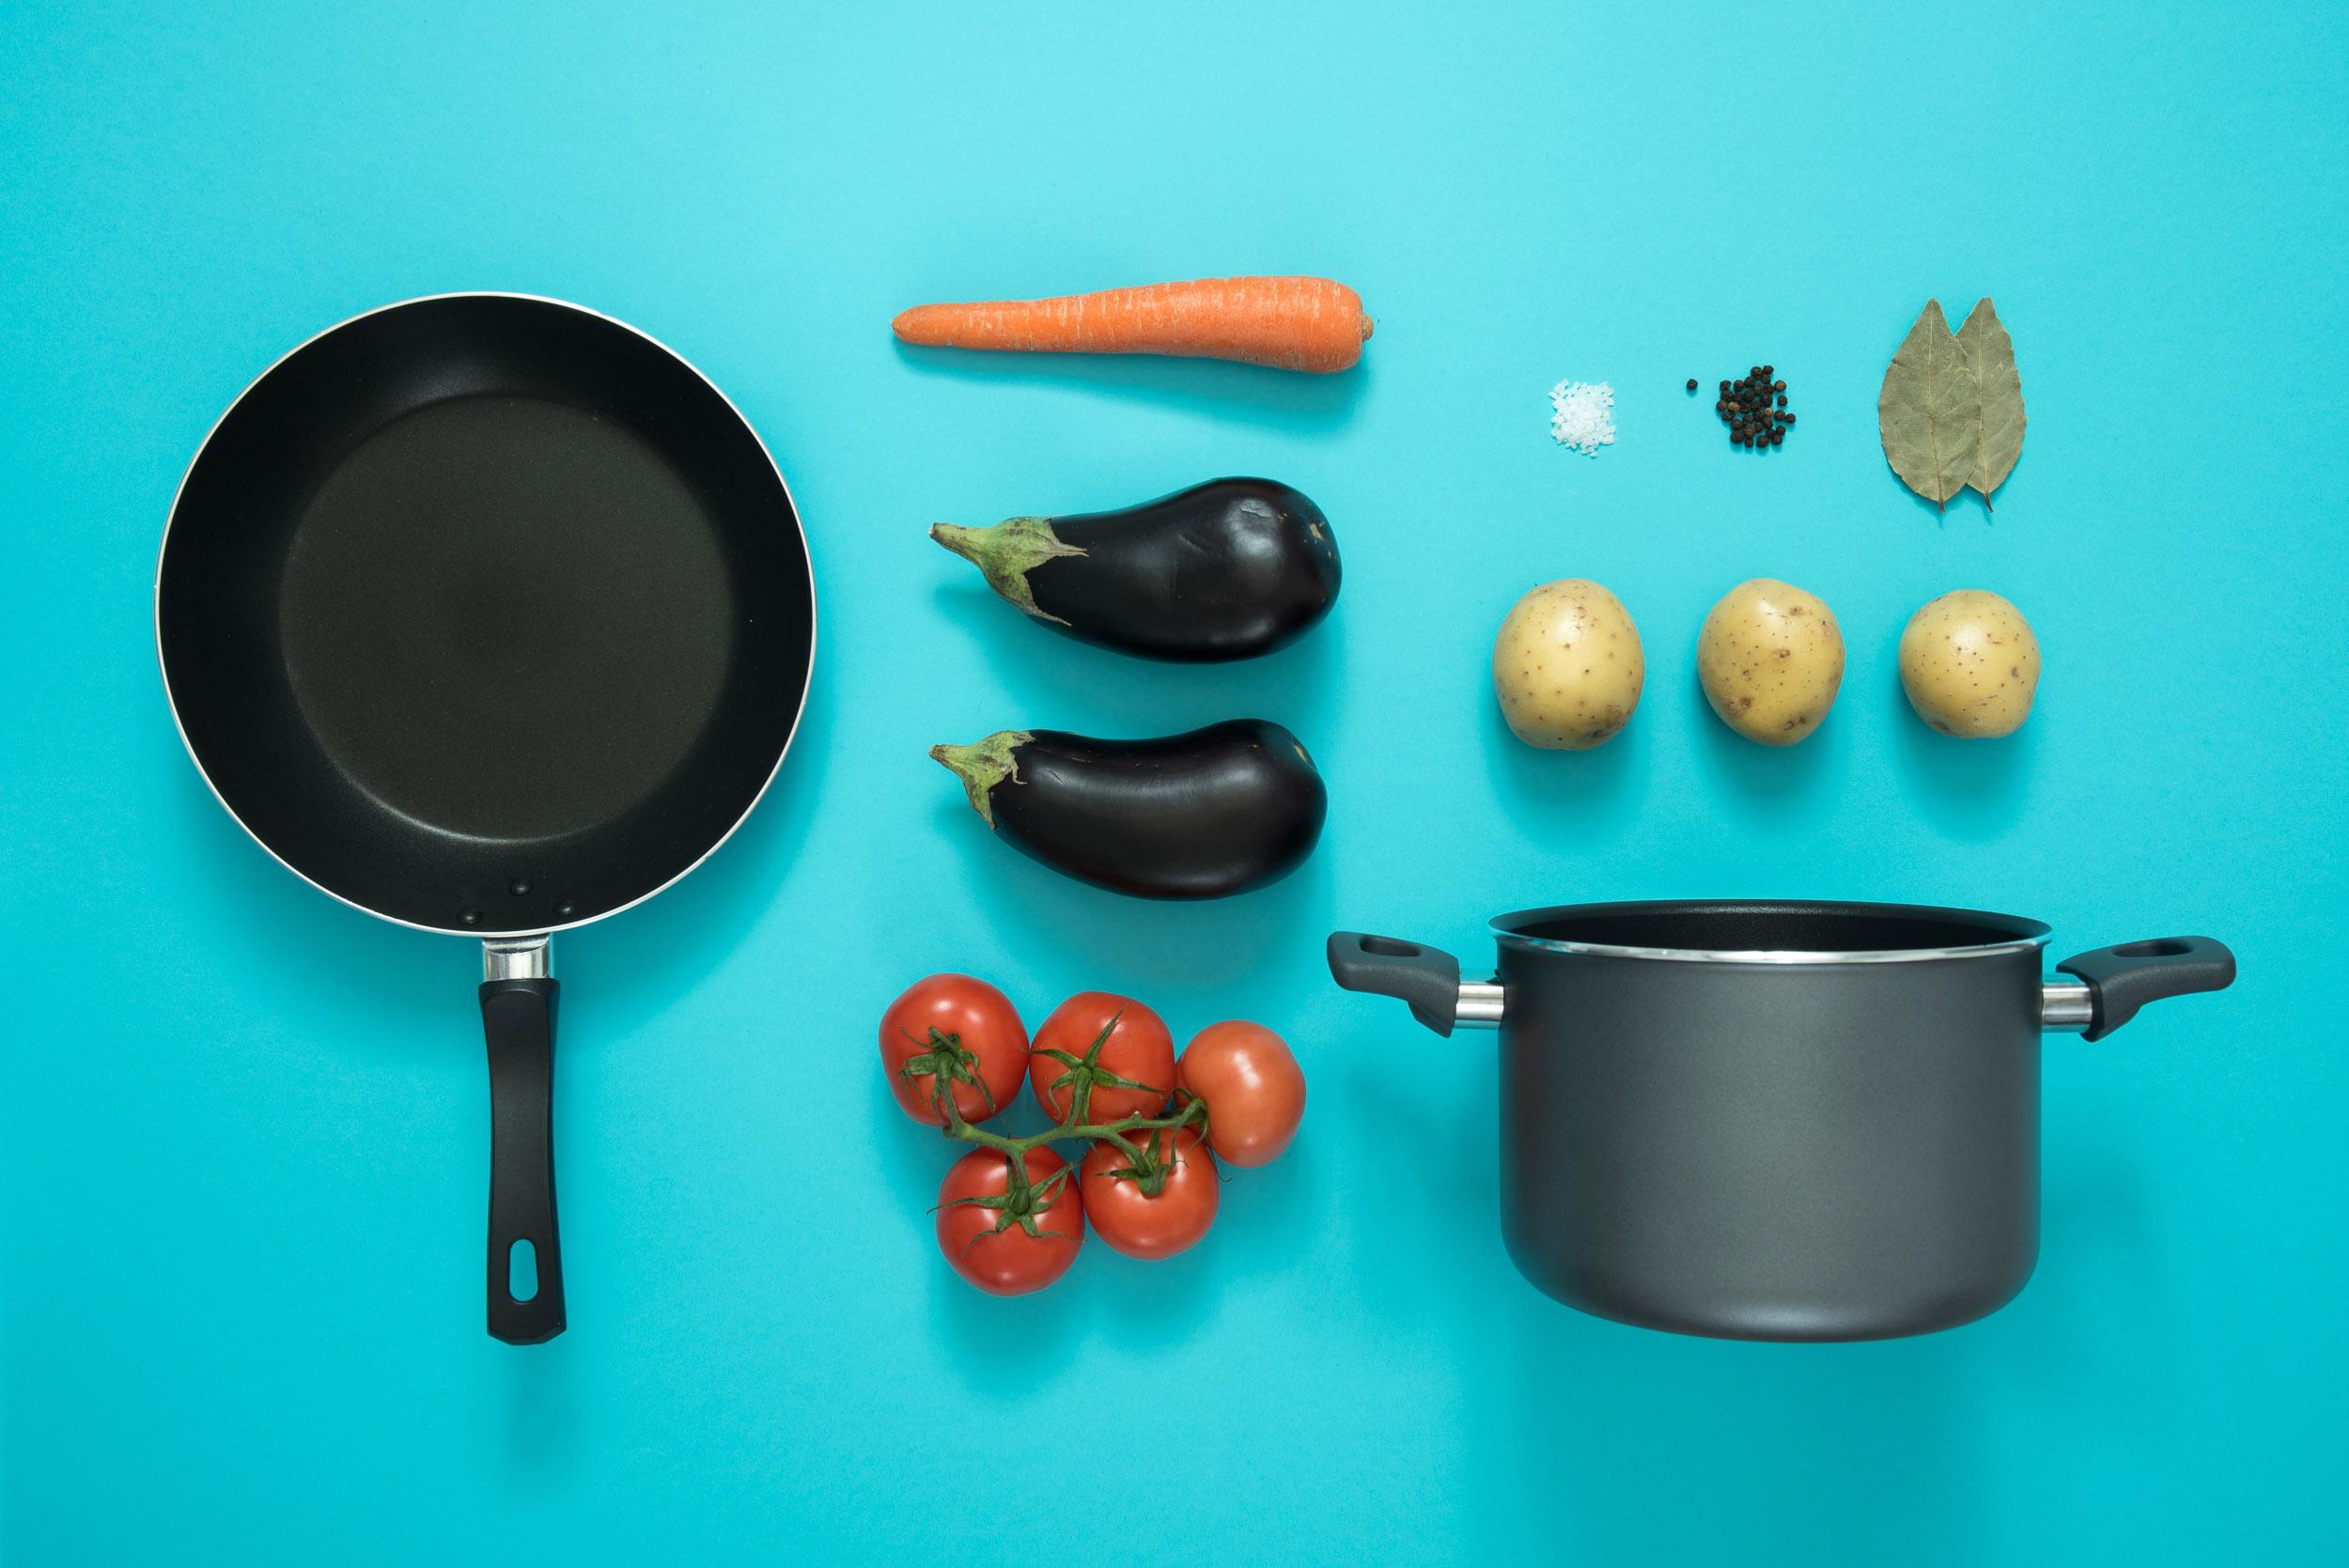 ckanani-healthy-food 2.jpg